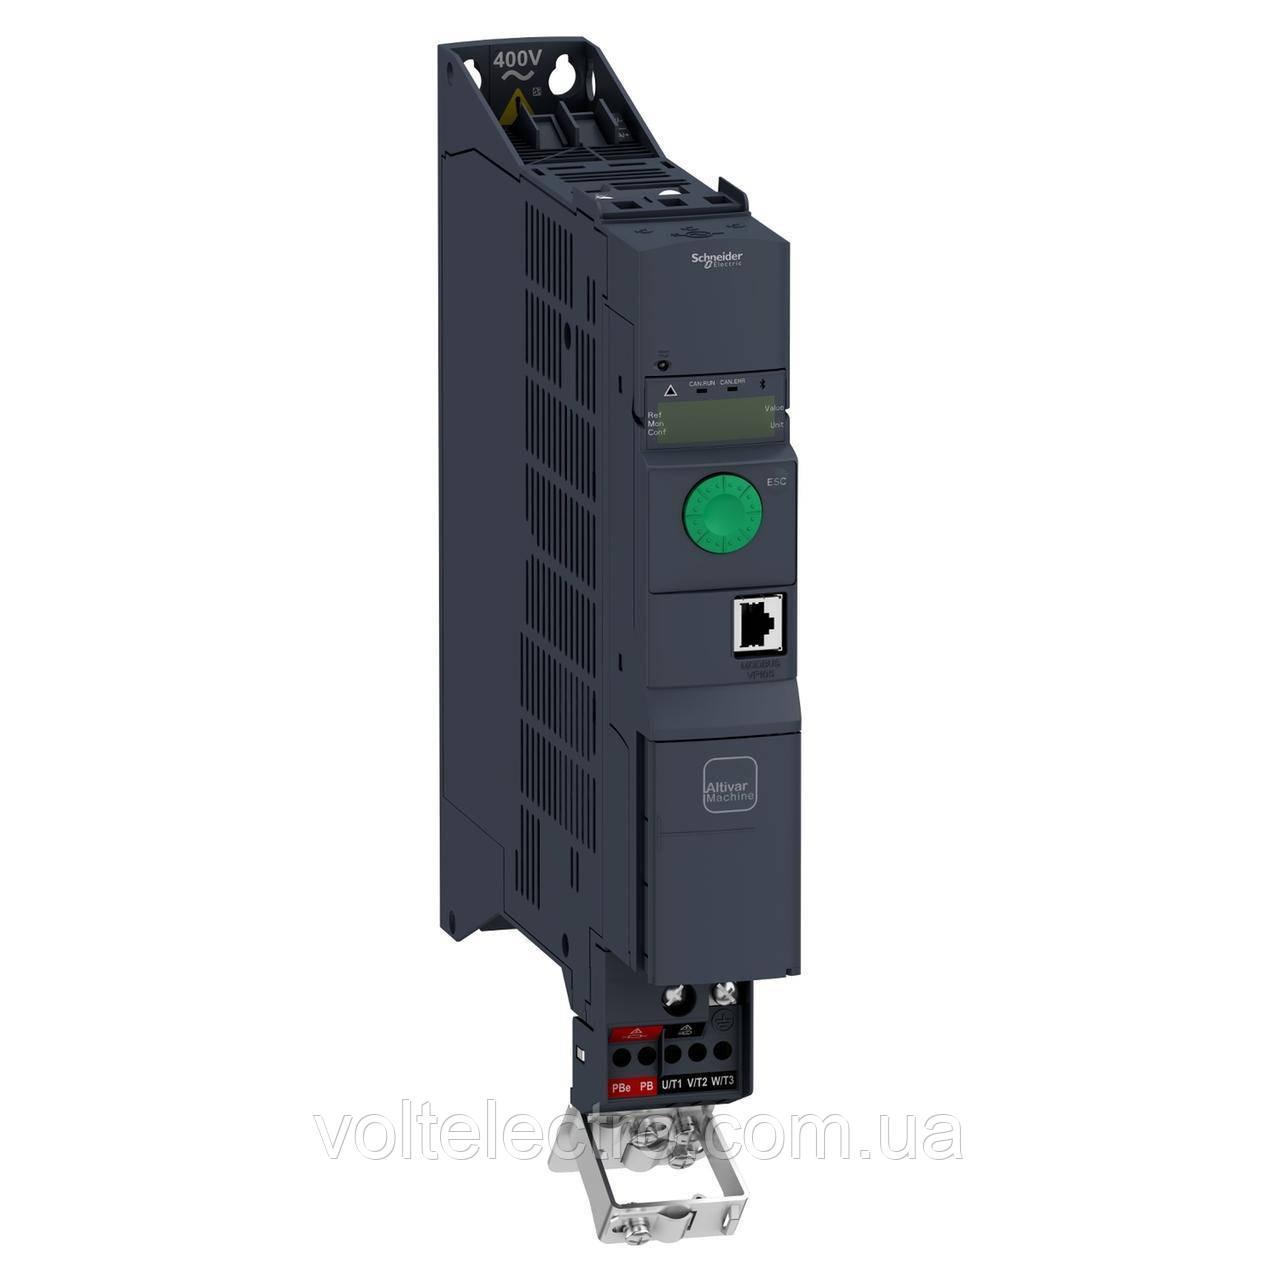 ATV320U06N4B Преобразователь частоты  Altivar 320 0.55 кВт 380В  3-ф. книжное исполнение